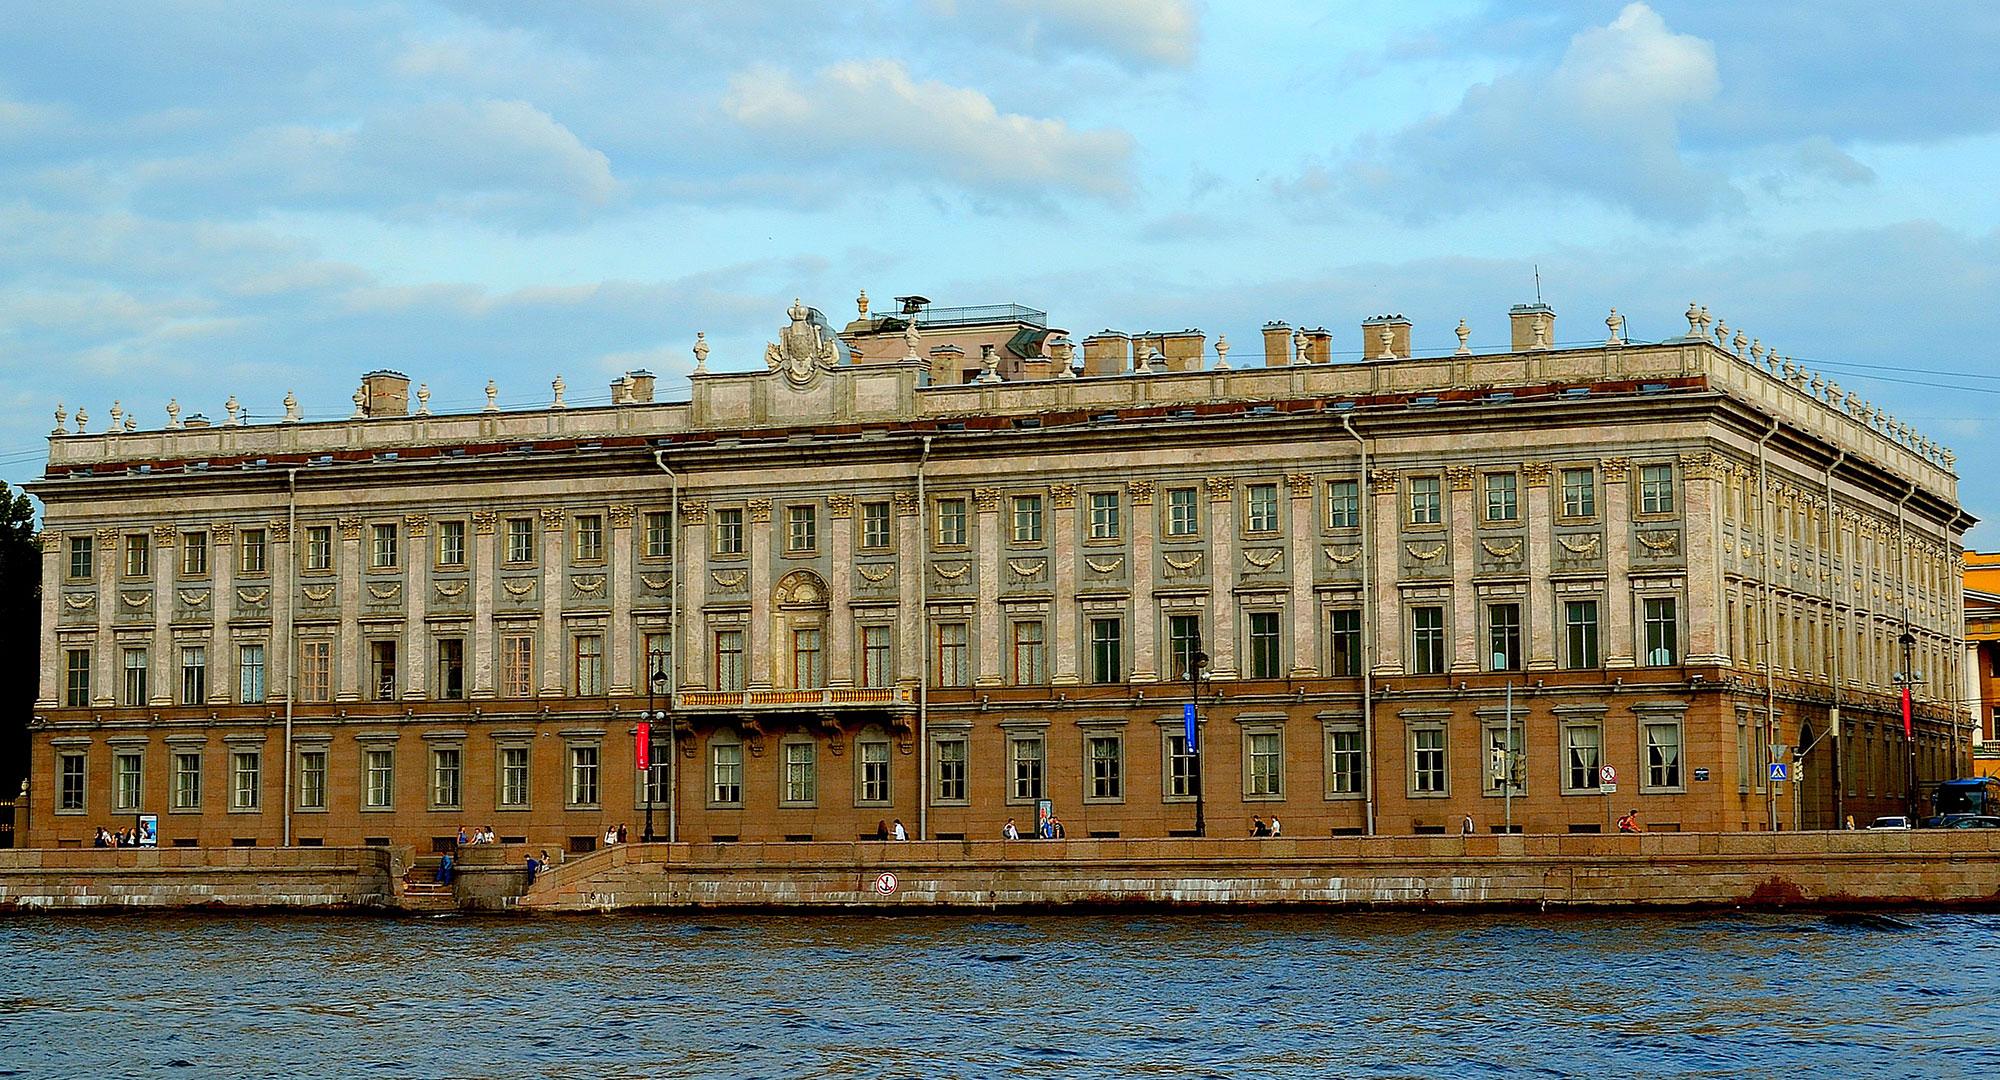 Архитектура Мраморного дворца в Санкт-Петербурге